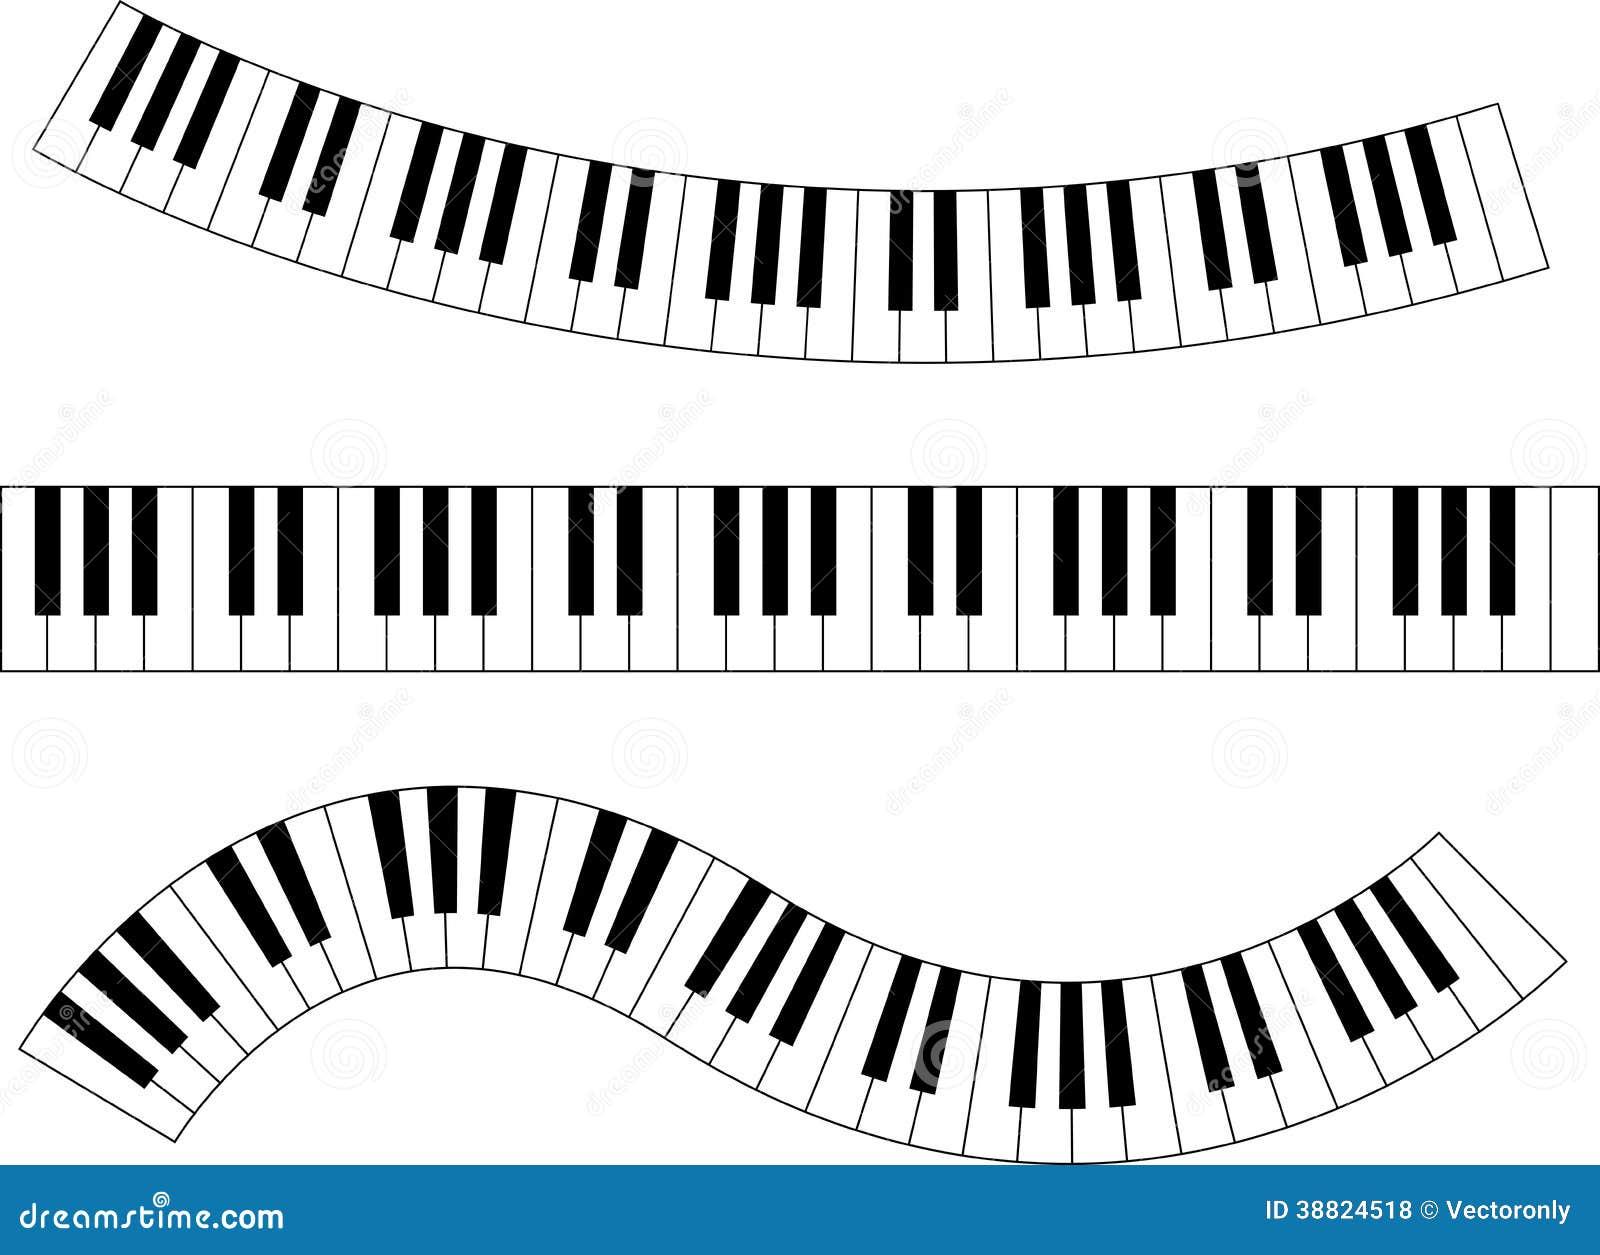 Piano keyboard stock vector image 38824518